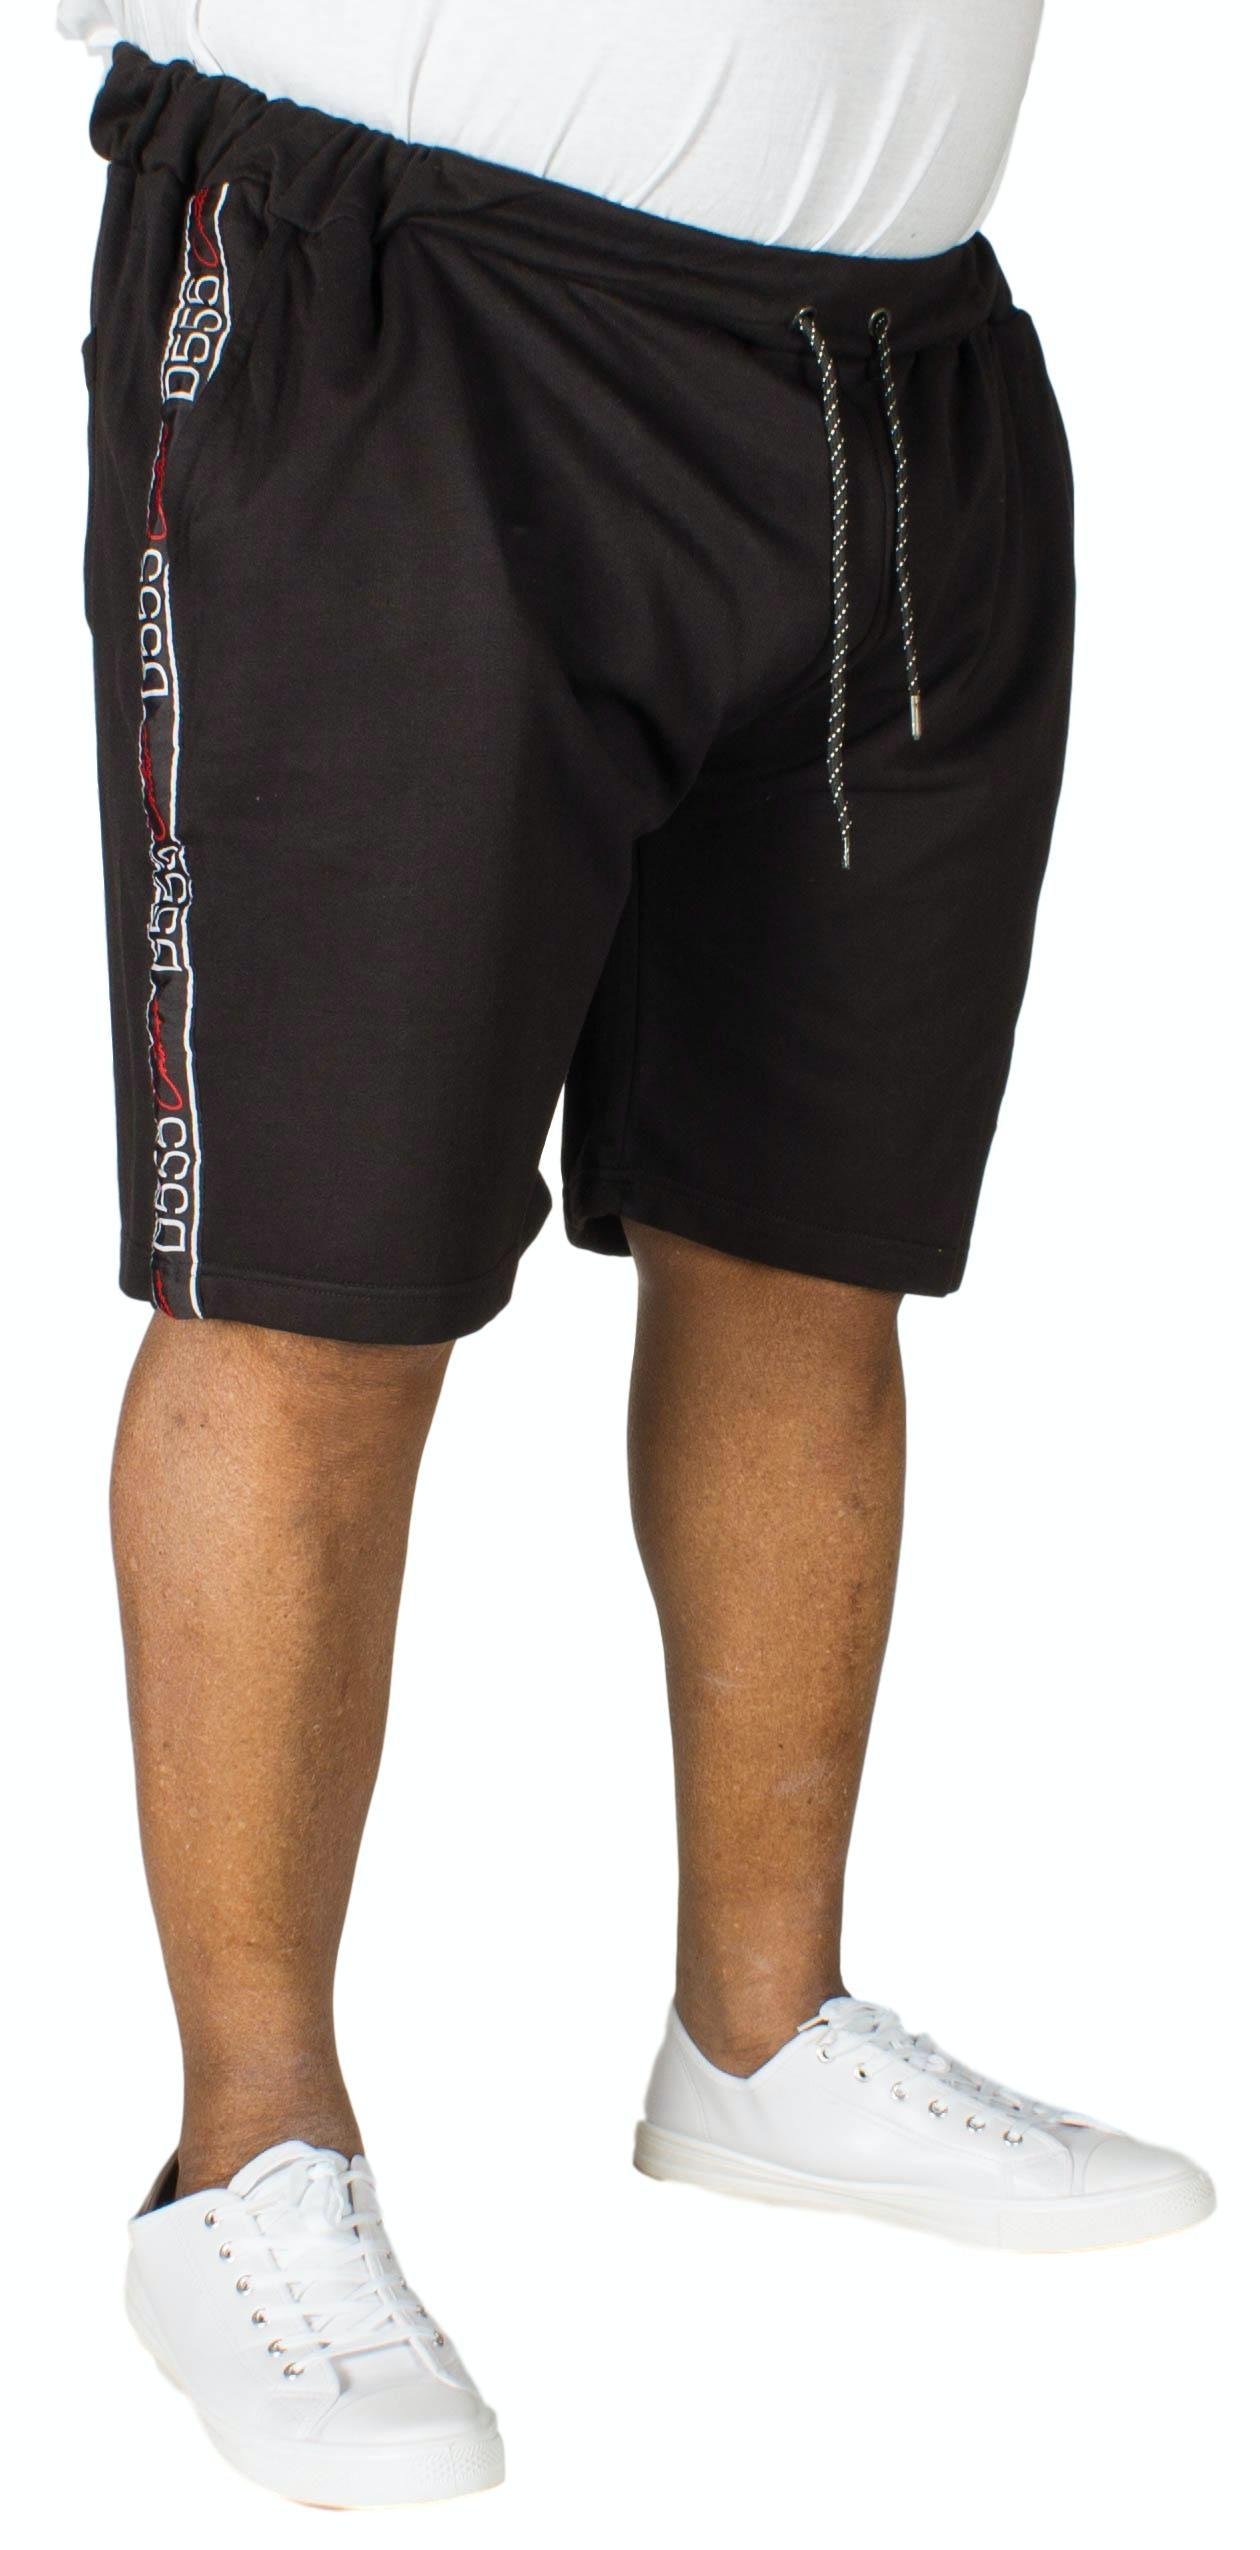 D555 Burlington Embroidered Short Black